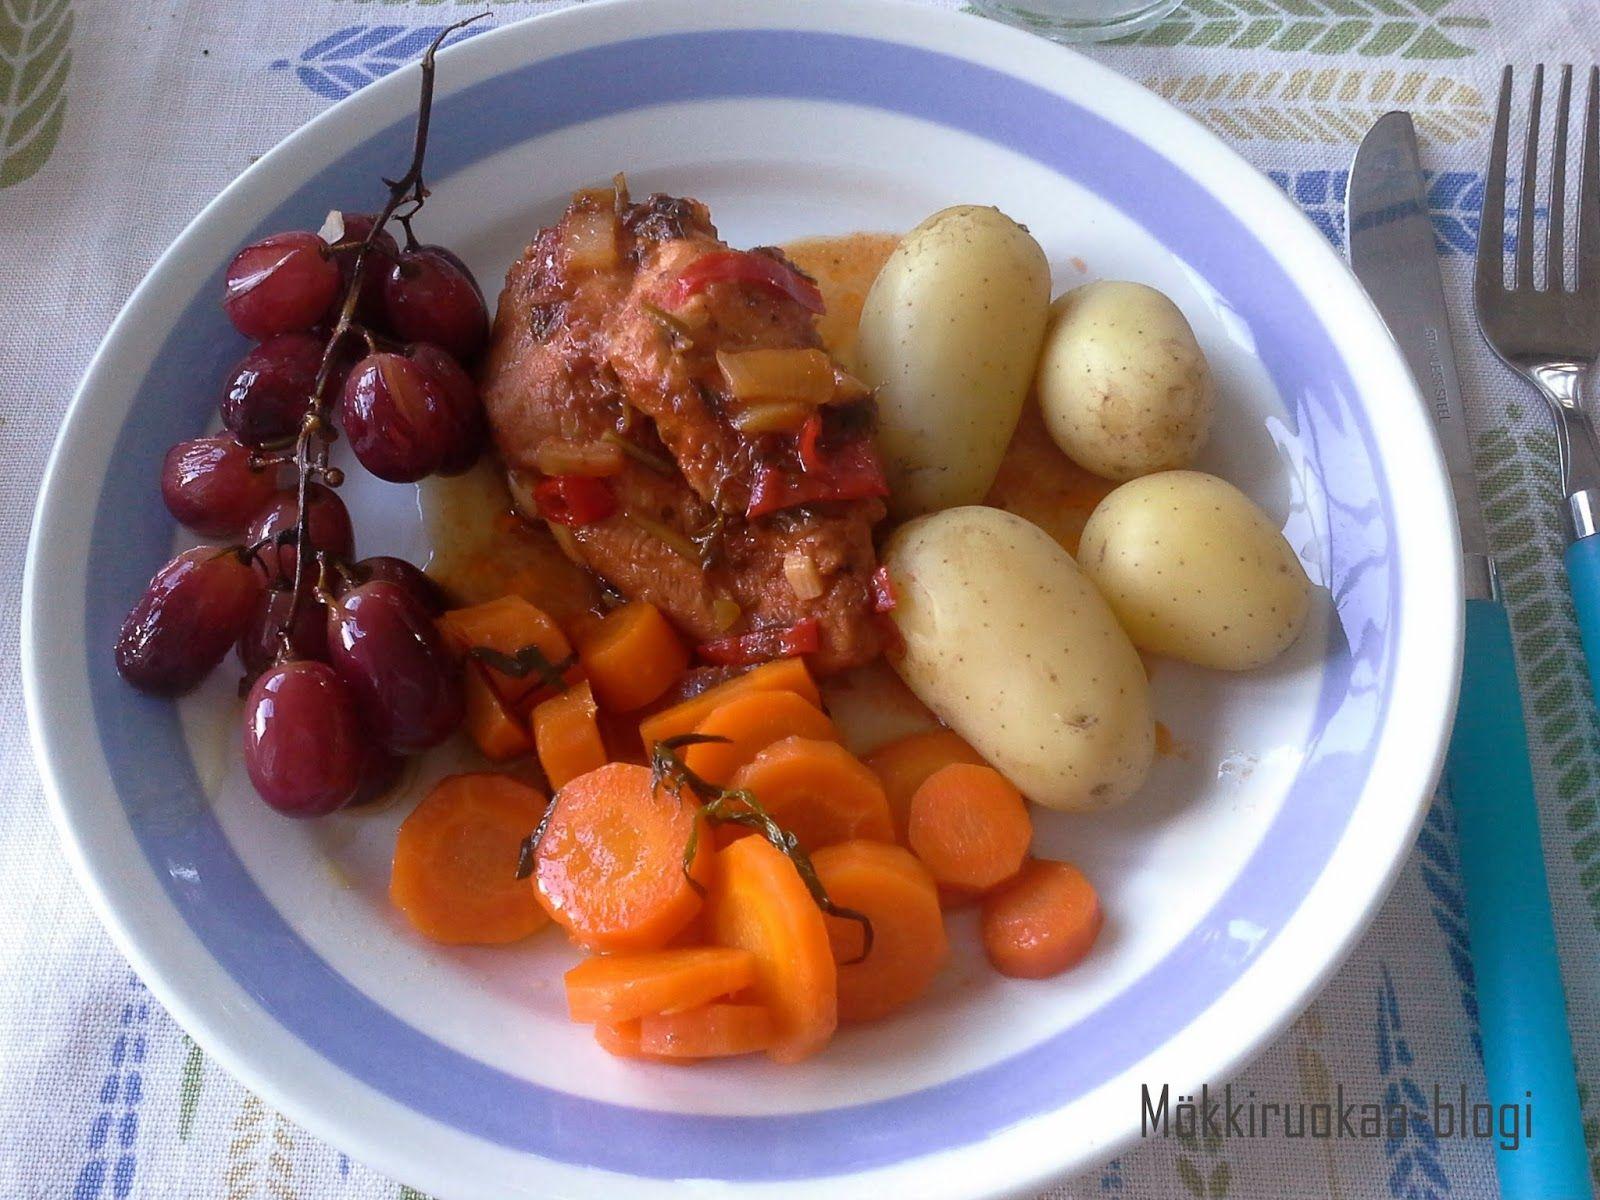 Huvilaelämää ja mökkiruokaa: Hitaasti haudutettu kana maustekastikkeessa